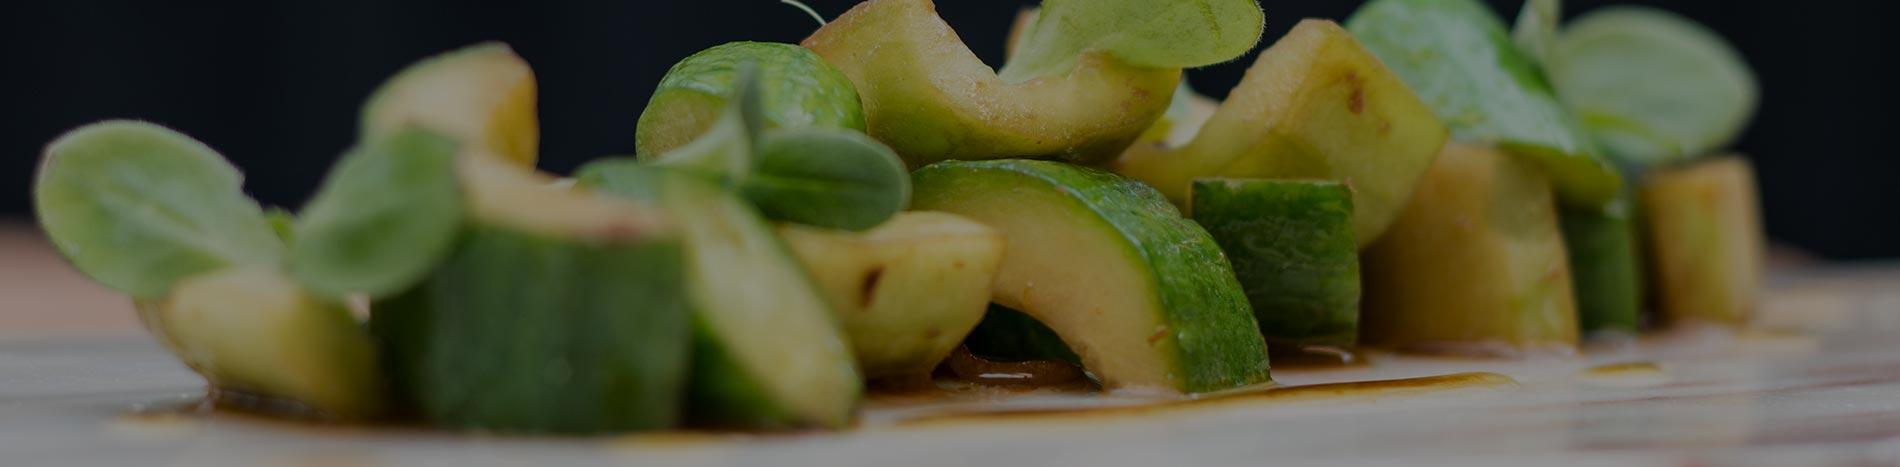 Cocina Vegetariana Rodrigo de la Calle